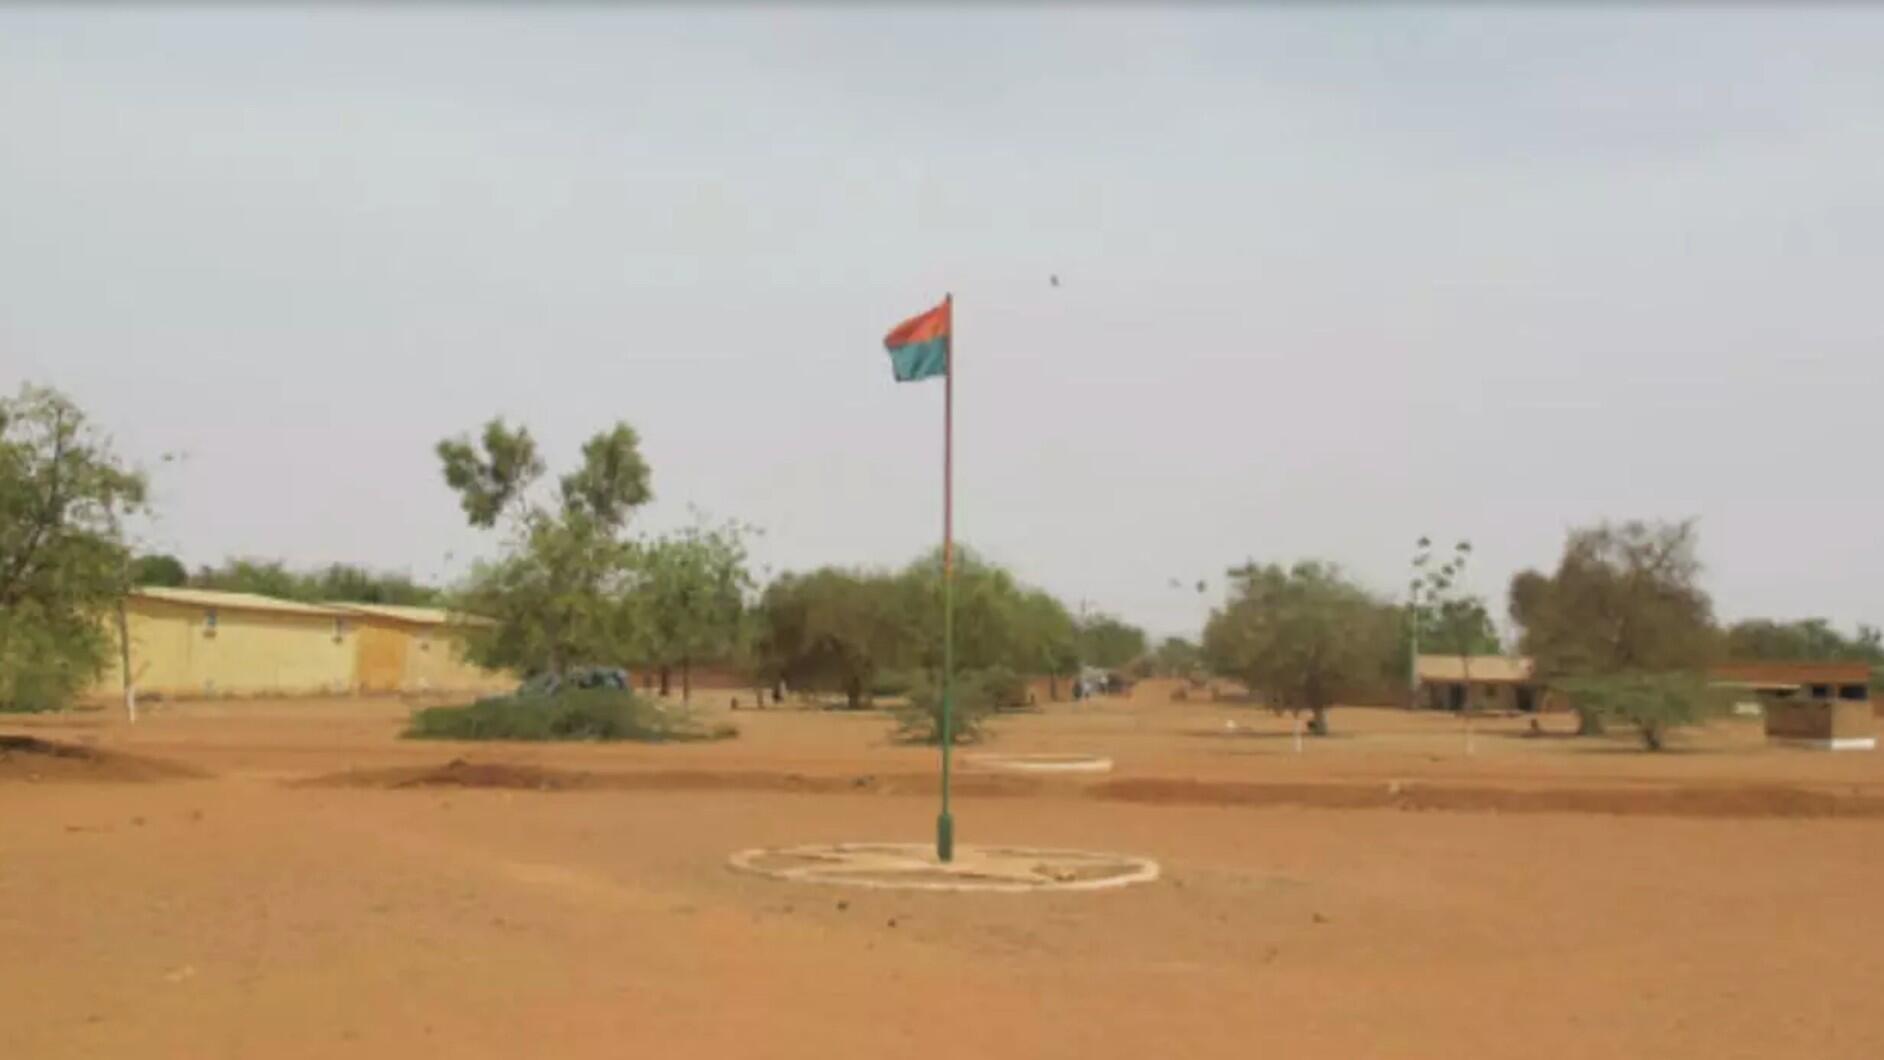 La ciudad de Djibo, en el norte de Burkina Faso, está cada vez más amenazada por los grupos armados.